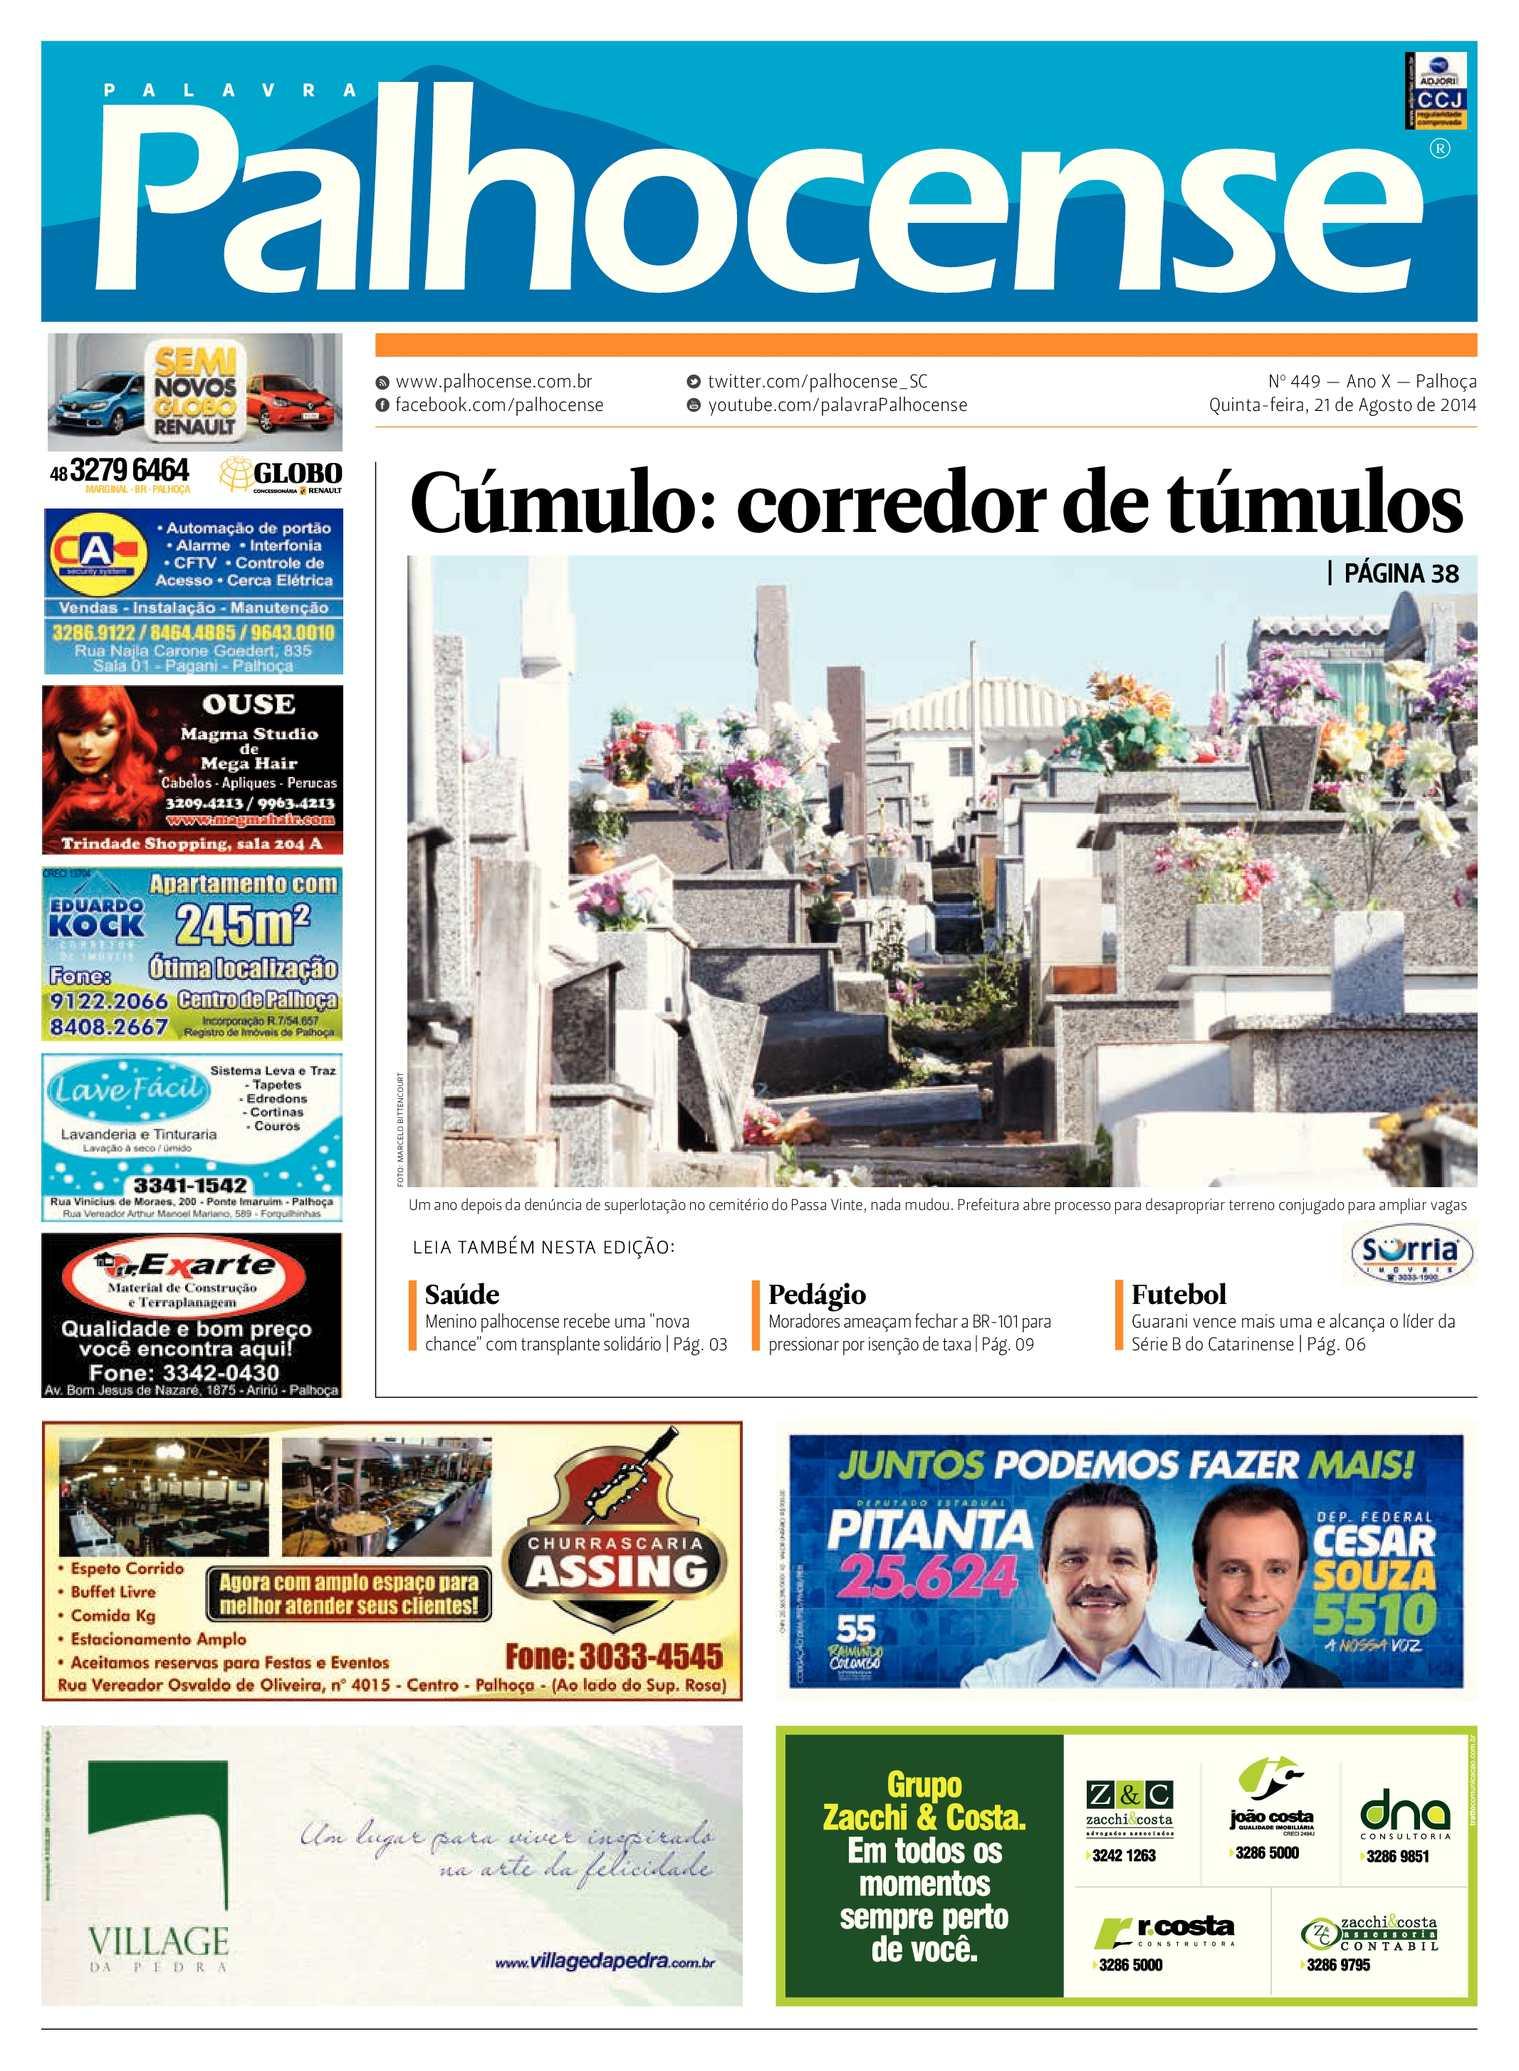 61e0004740148 Calaméo - Jornal Palavra Palhocense - Edição 449